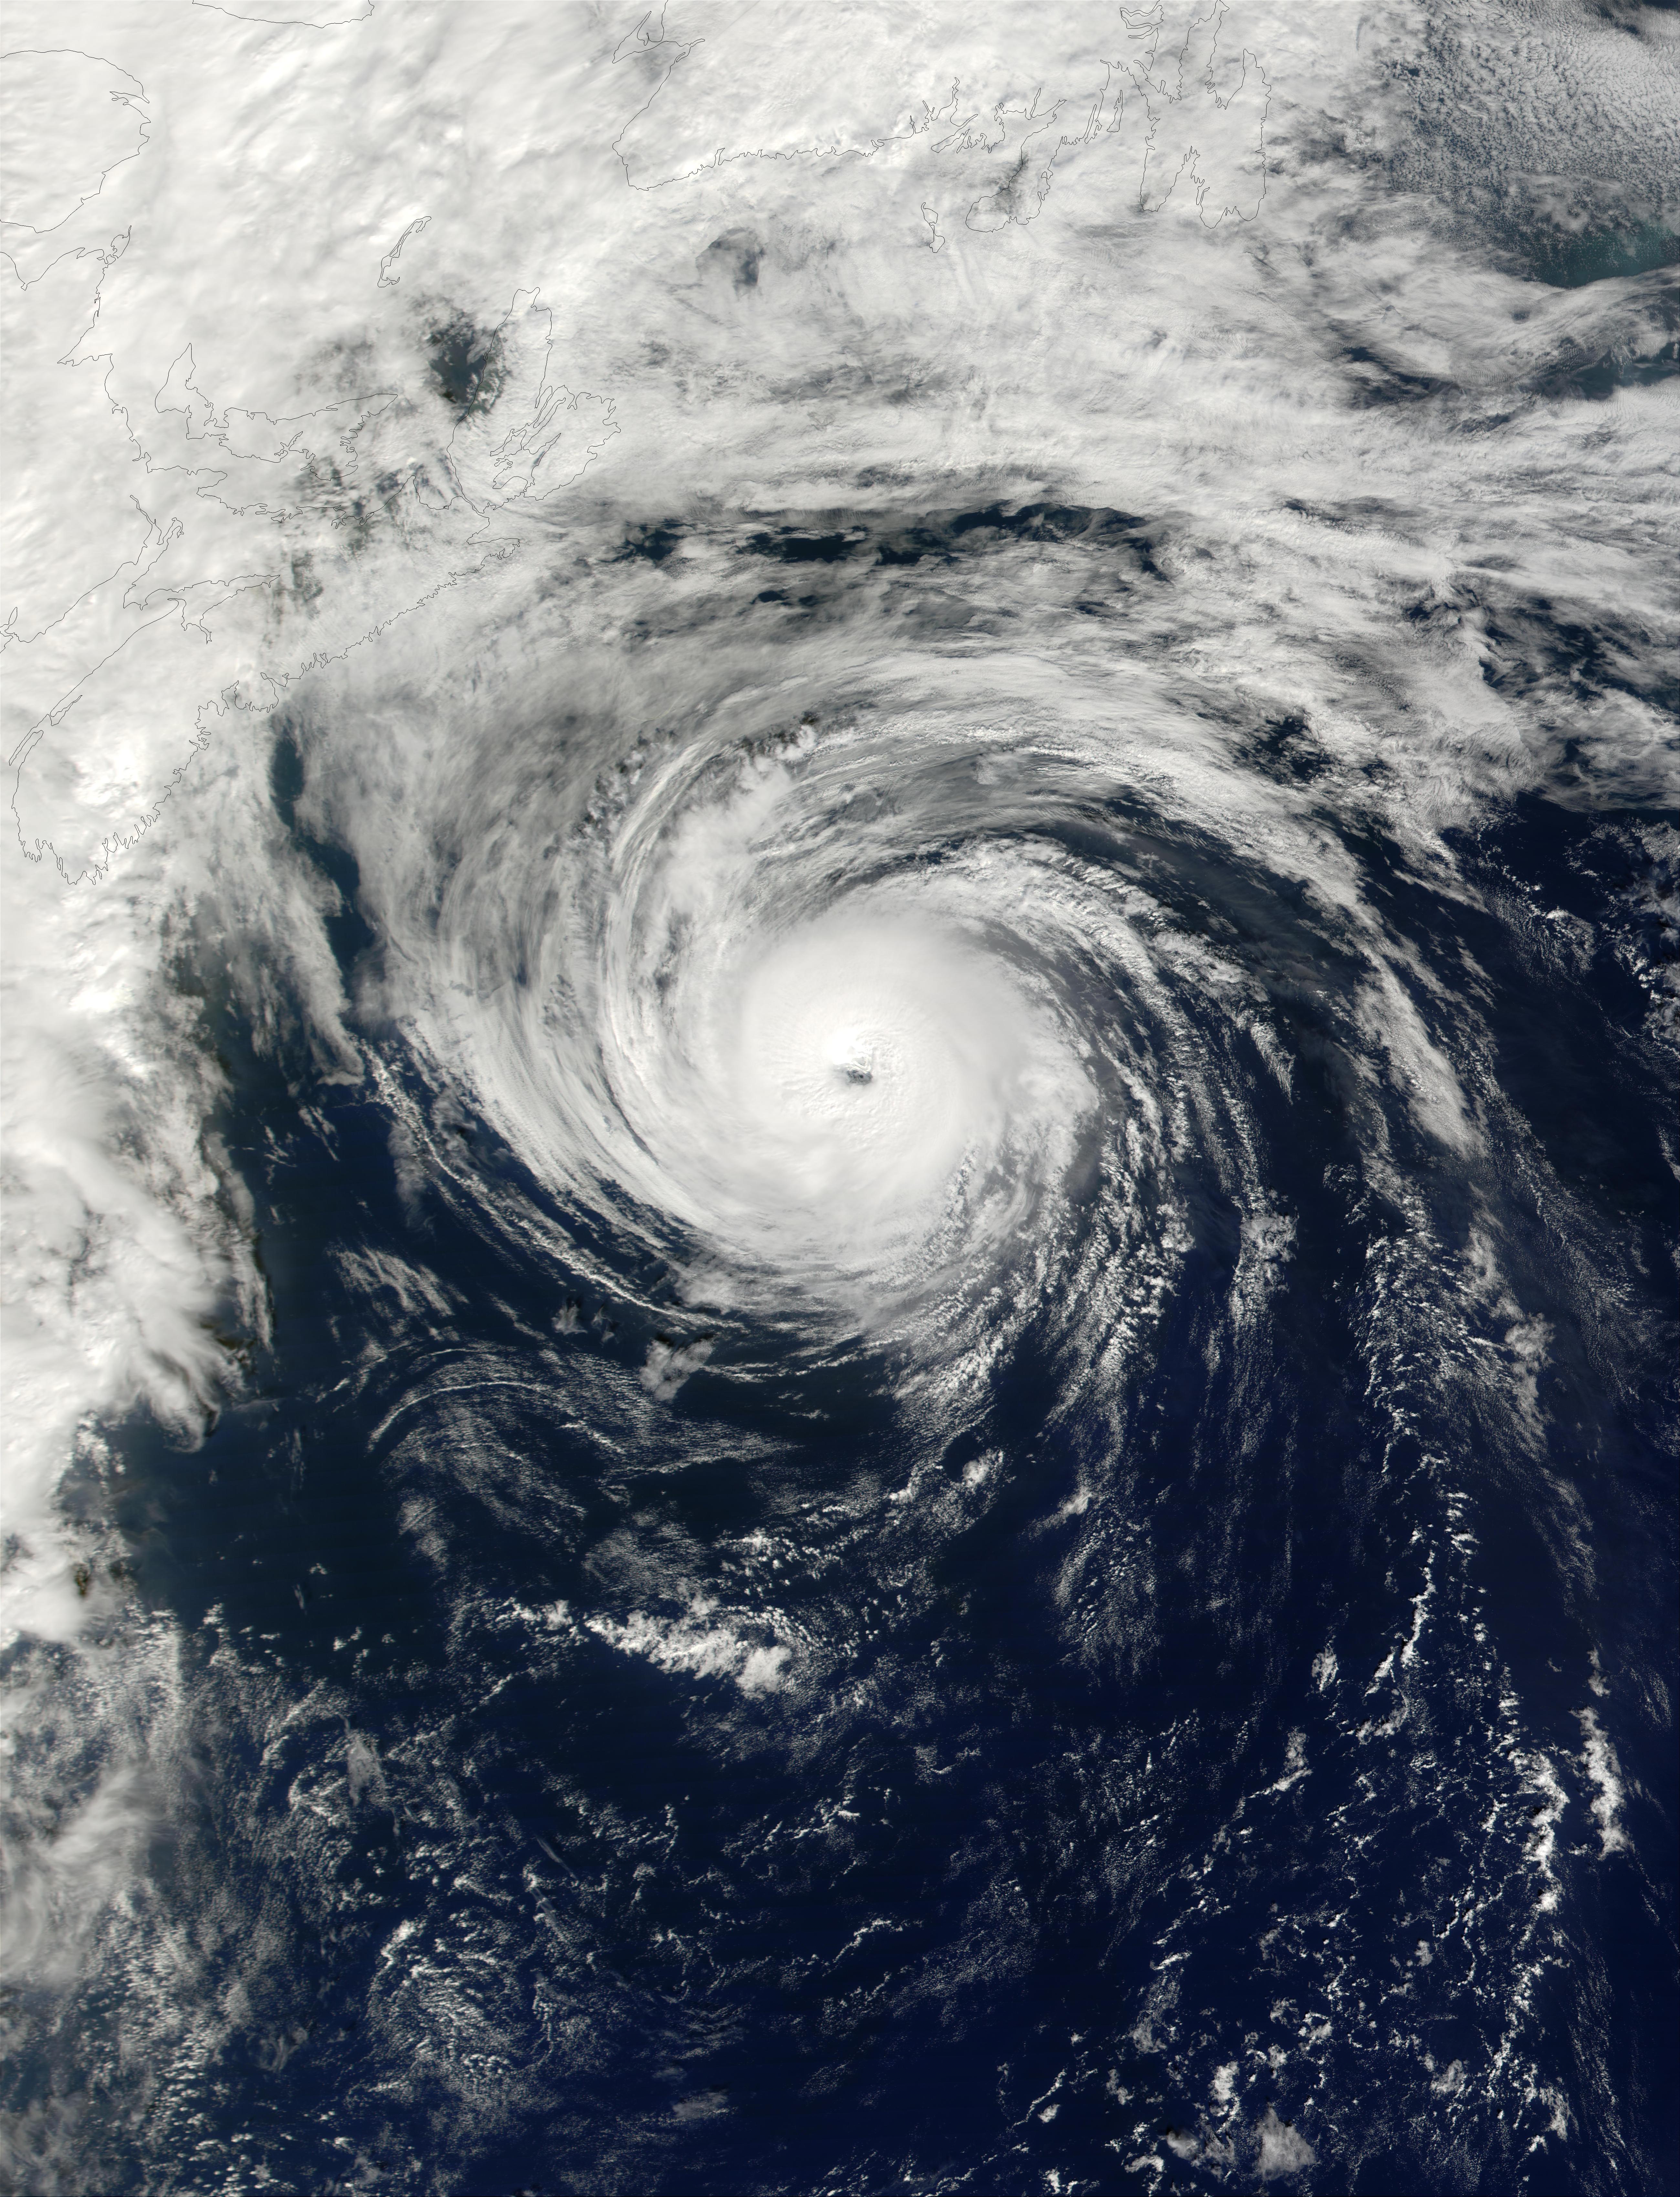 Hurricane Humberto southeast of Nova Scotia, Canada